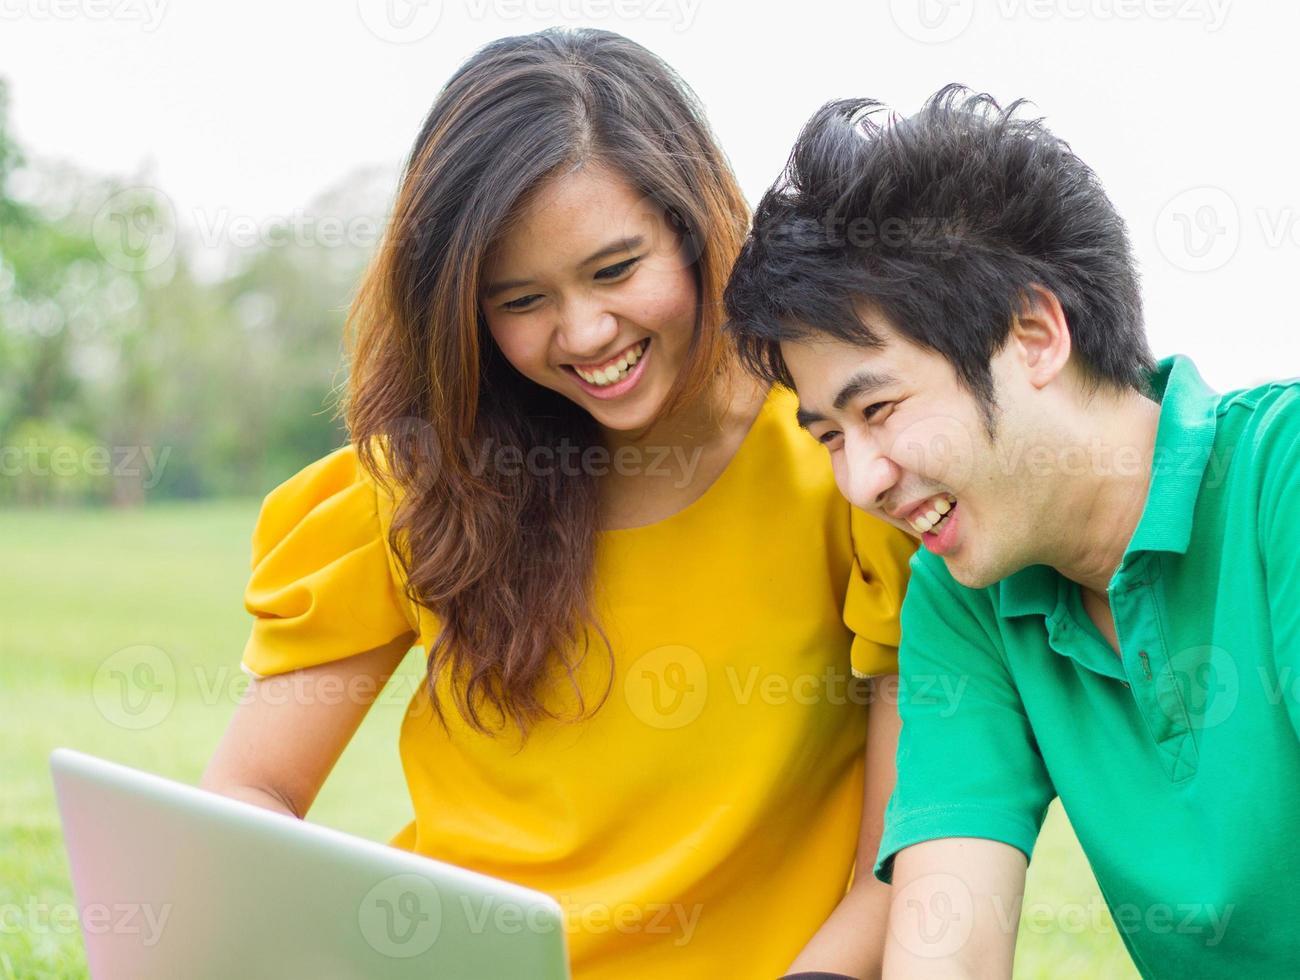 jóvenes divirtiéndose juntos foto